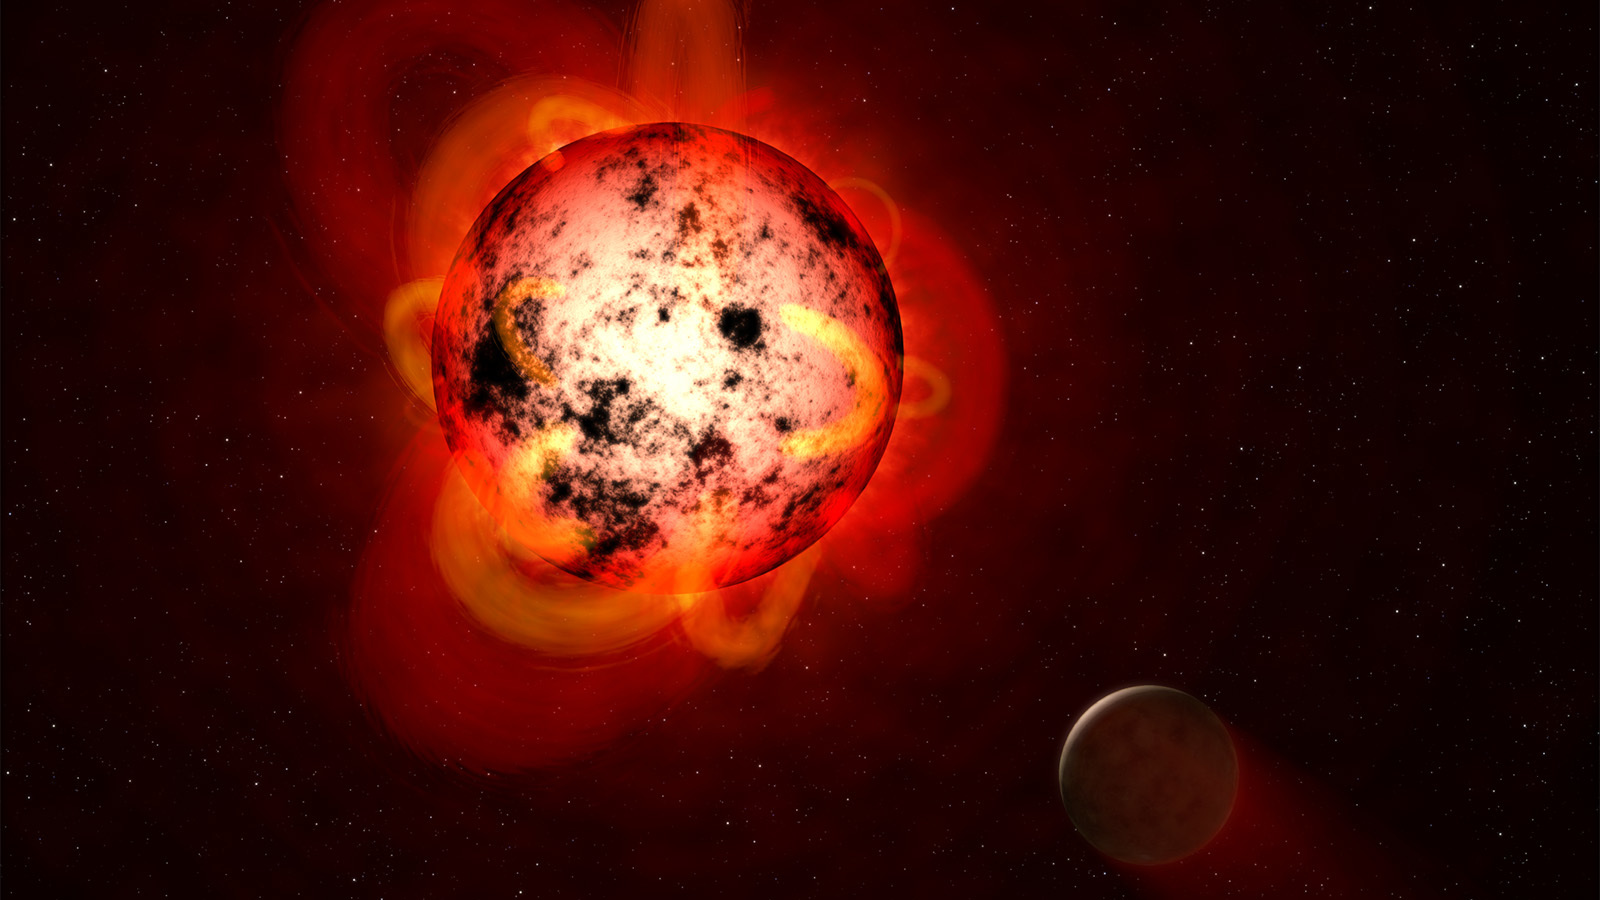 Spazio: i pianeti orbitanti intorno alle nane rosse sono abitabili?